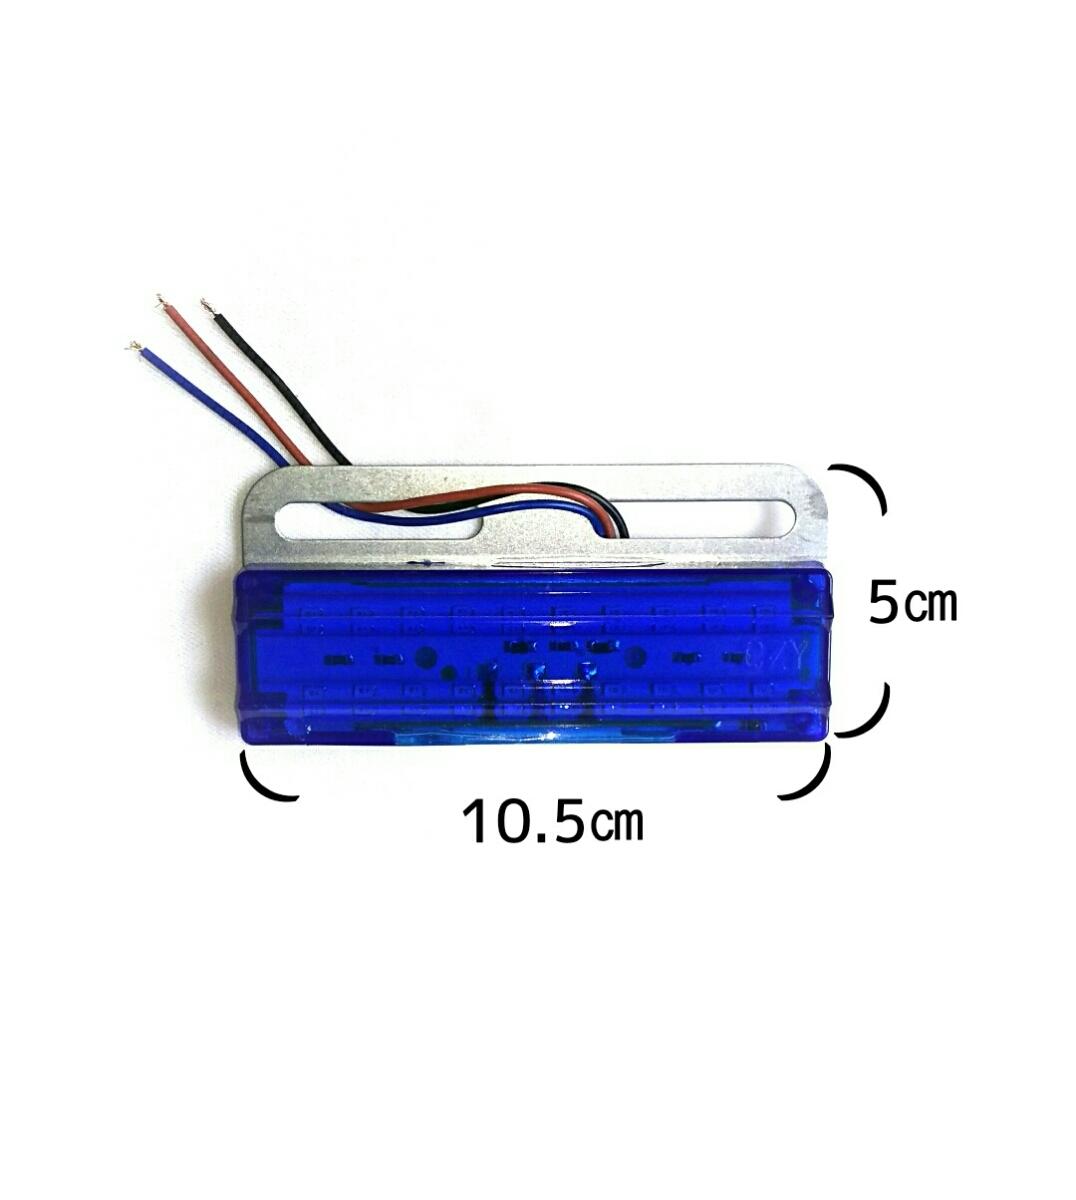 24V LED アンダーライト付き サイドマーカー 青 ブルー 車高灯 路肩灯 マーカー球 ダウンライト_画像2